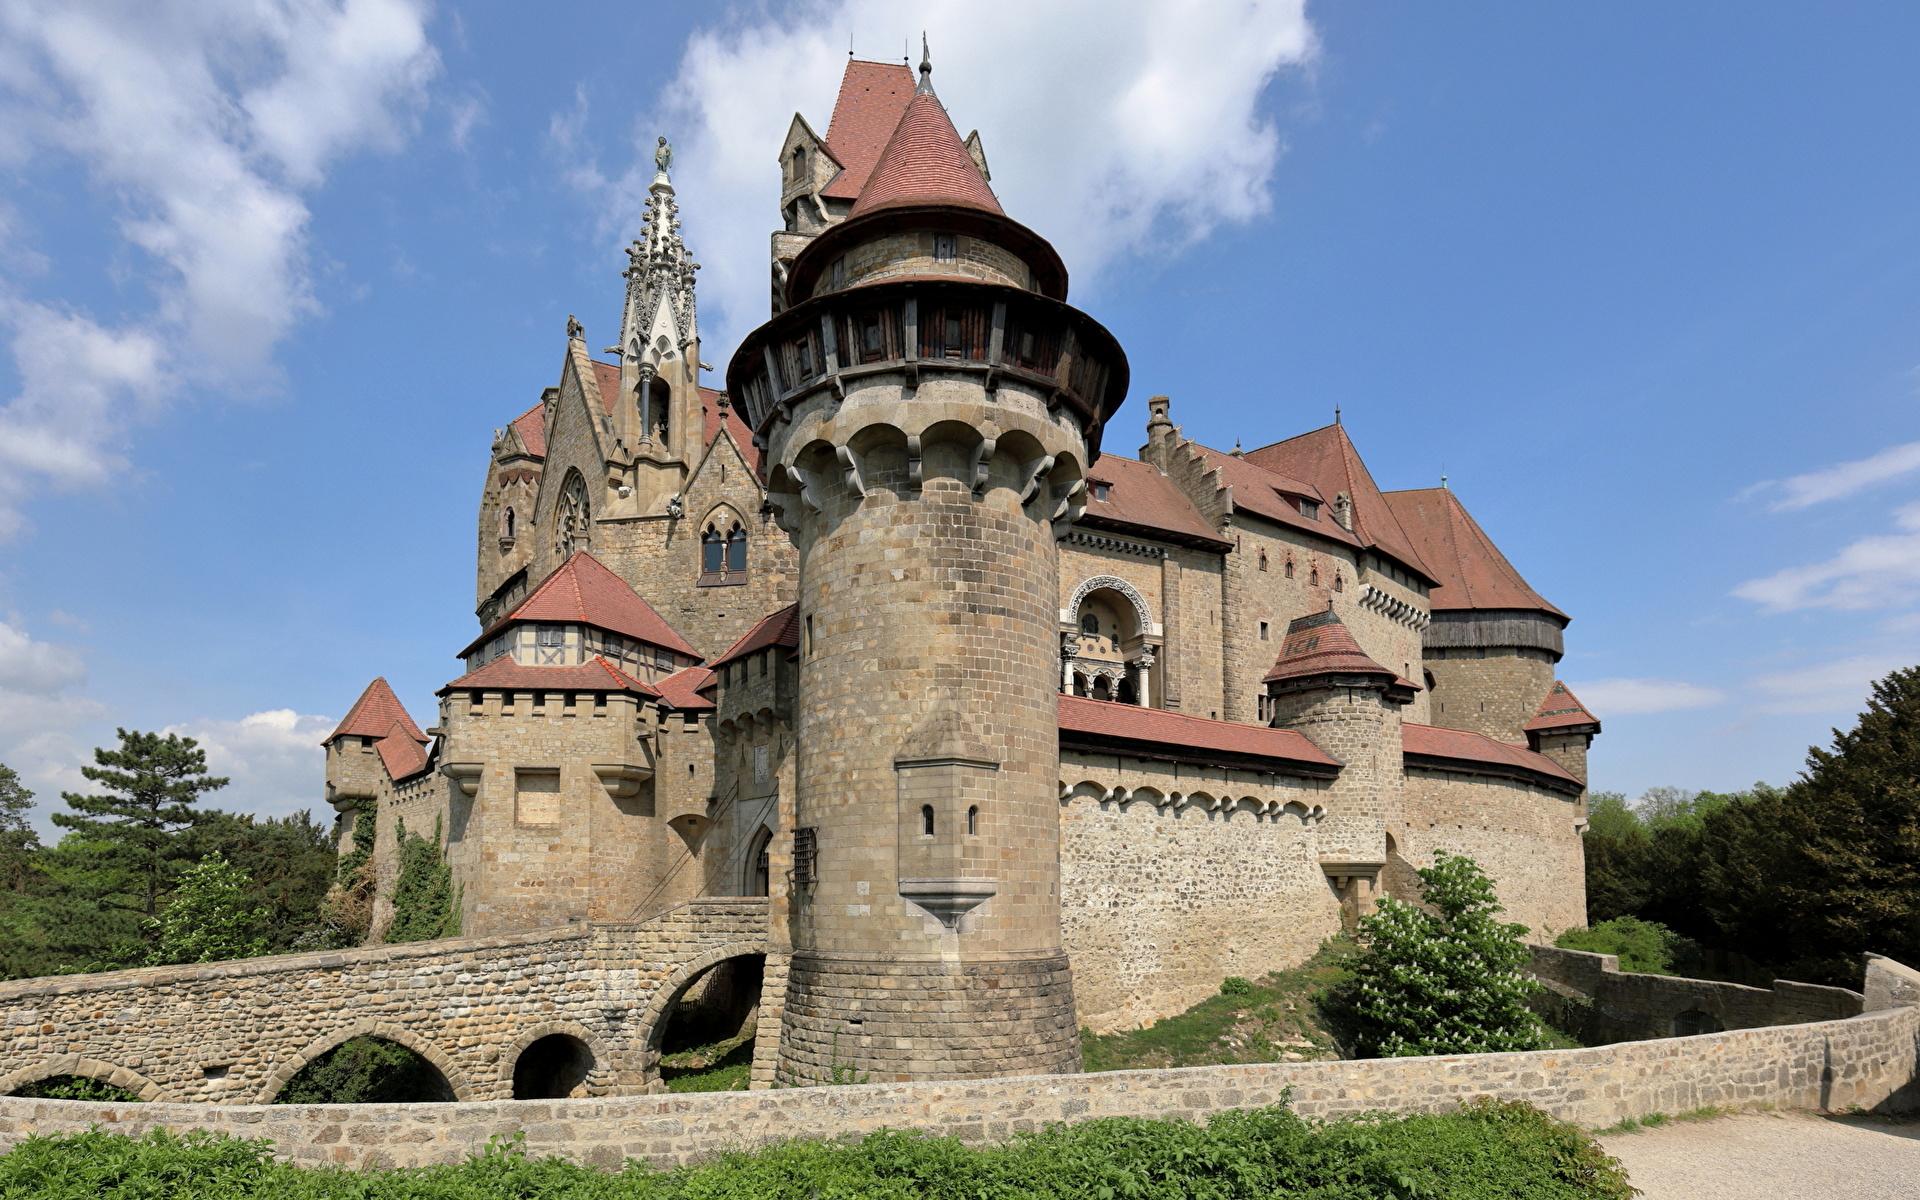 Achtergrond Oostenrijk Een toren Kreuzenstein Castle, Lower Austria, Korneuburg Burcht Steden 1920x1200 een stad